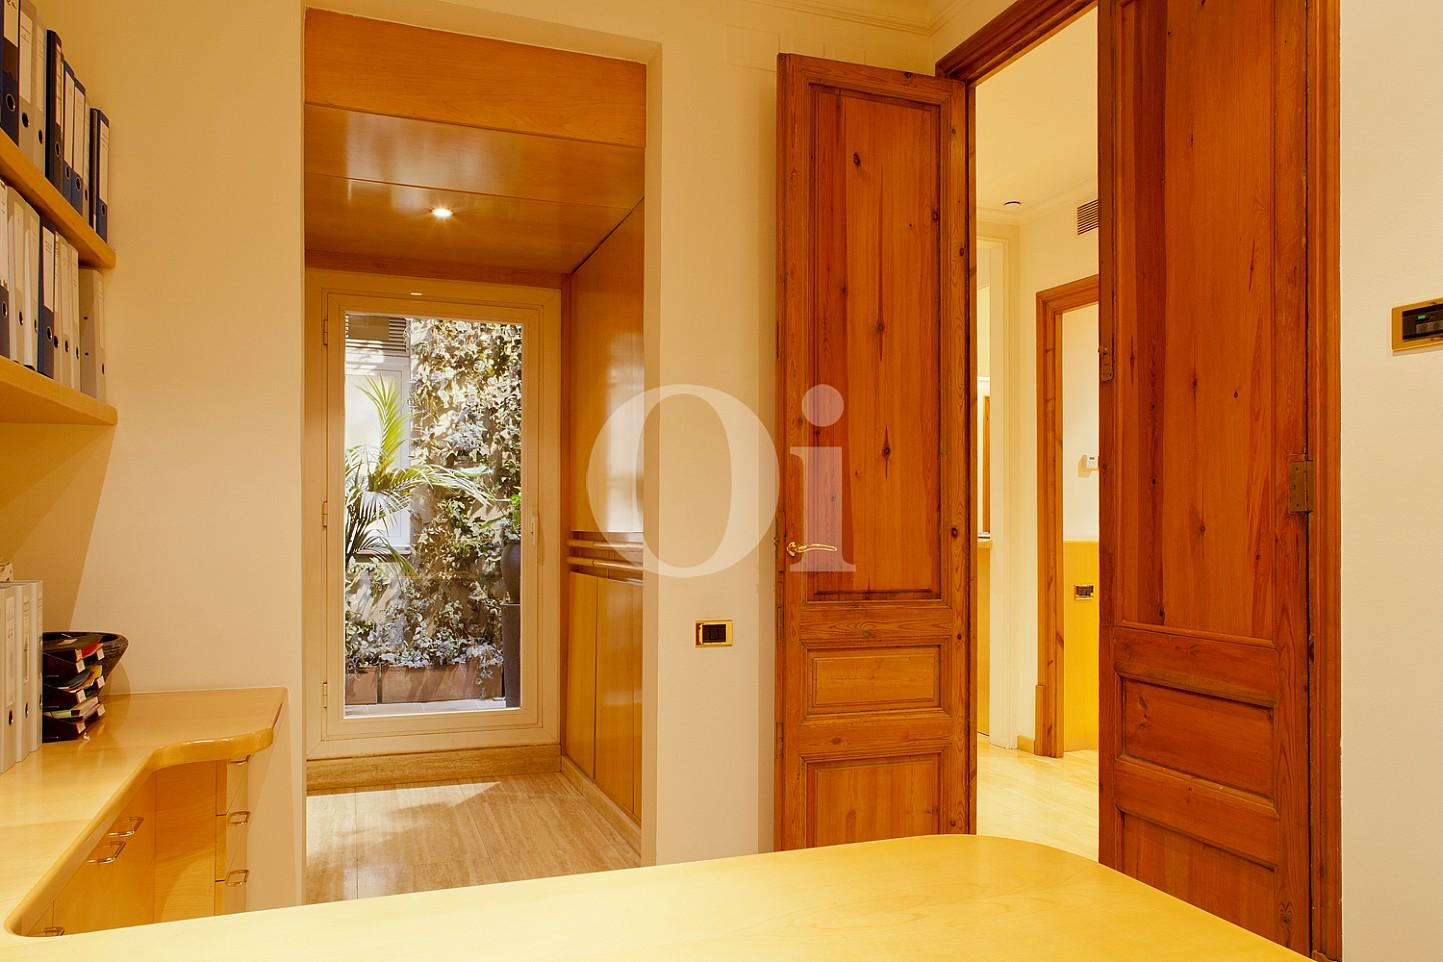 Теплый интерьер недвижимости на продажу в Eixample